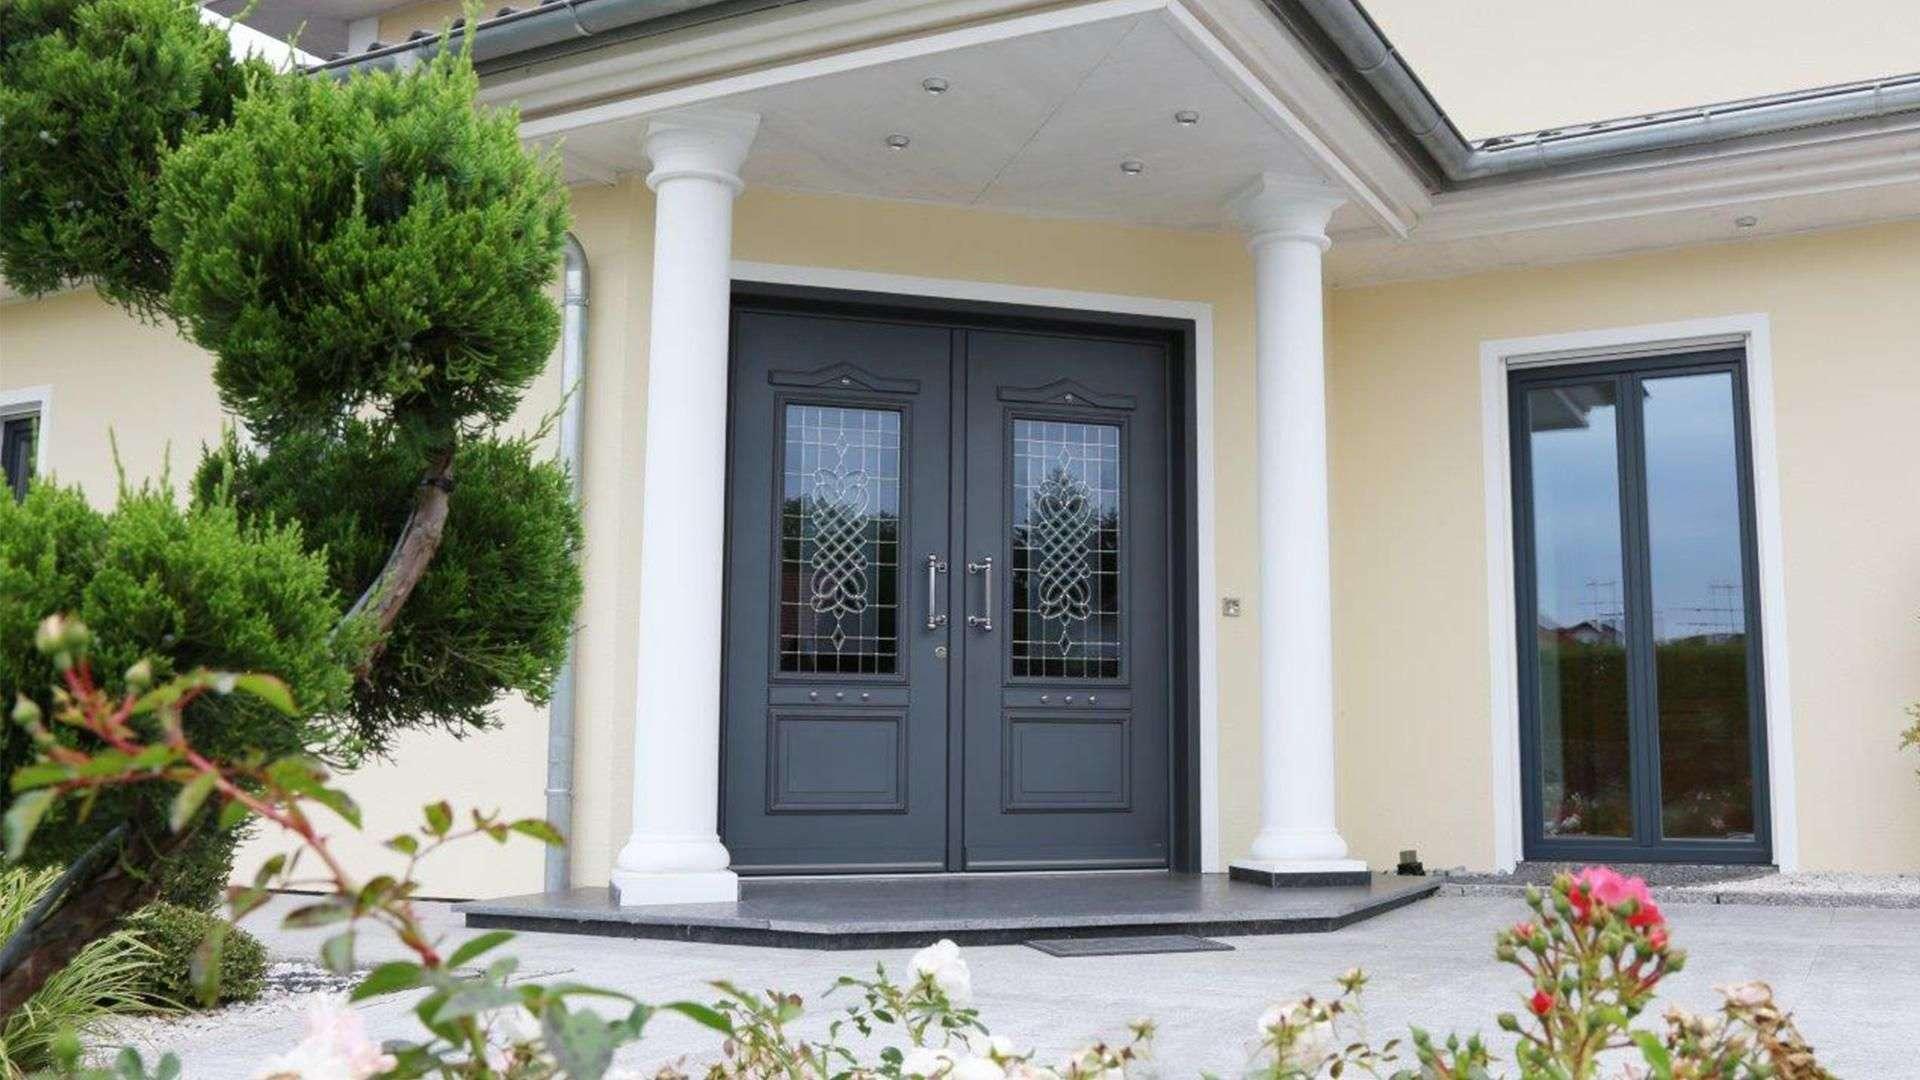 Villa mit grauer Doppelflügel-Haustür